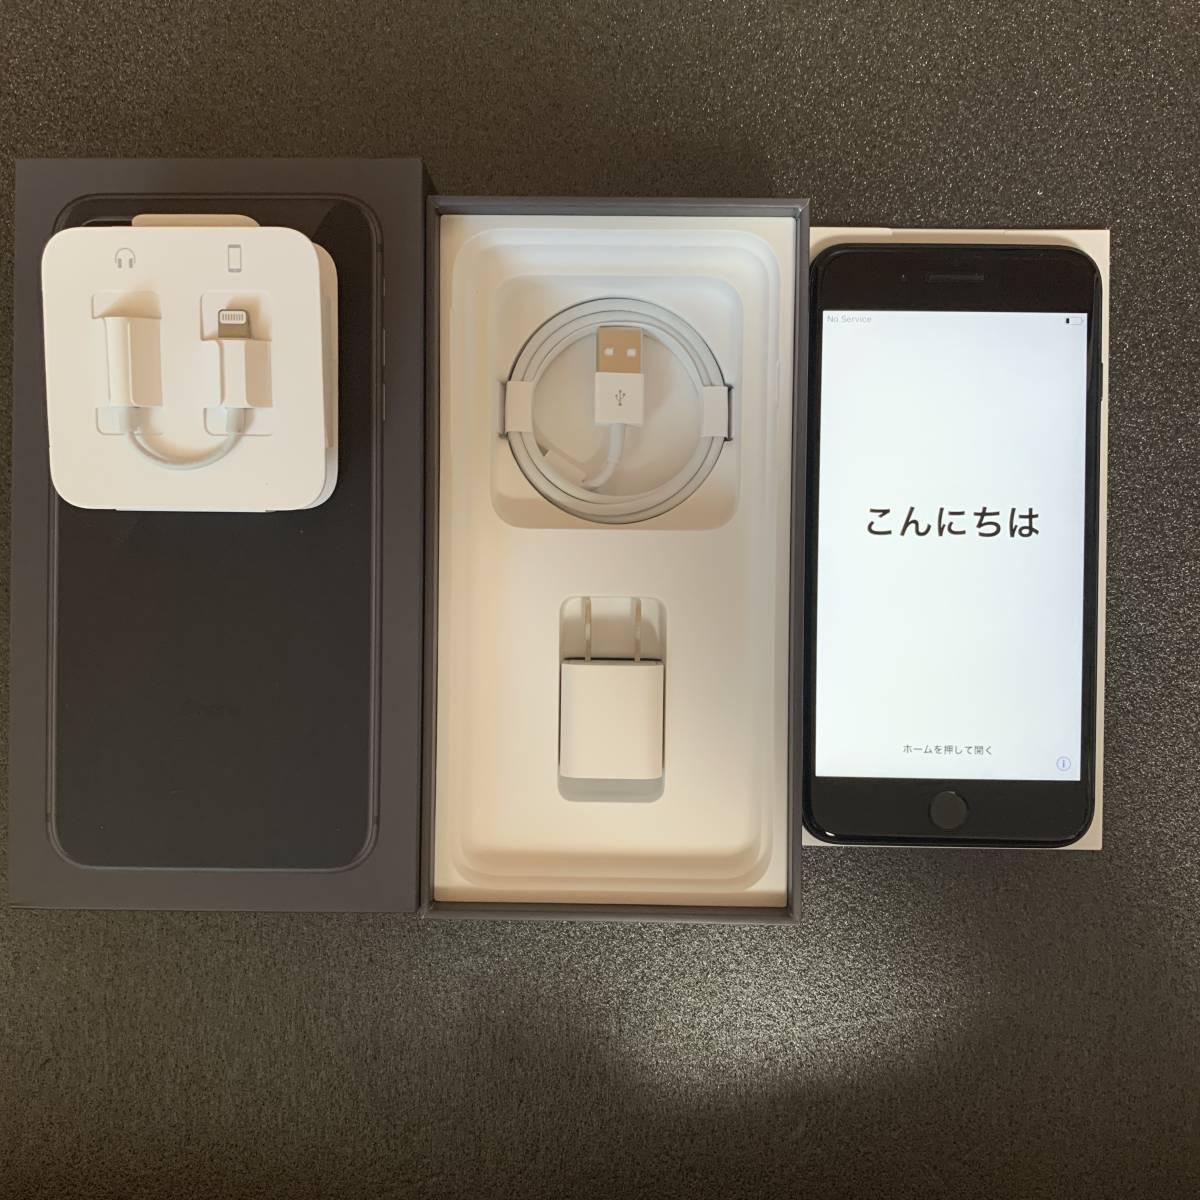 【1スタ!(1円スタート)】docomo iPhone8Plus 256GB SIMフリー(docomo) スペースグレイ【iPhone8+(プラス)】_画像3